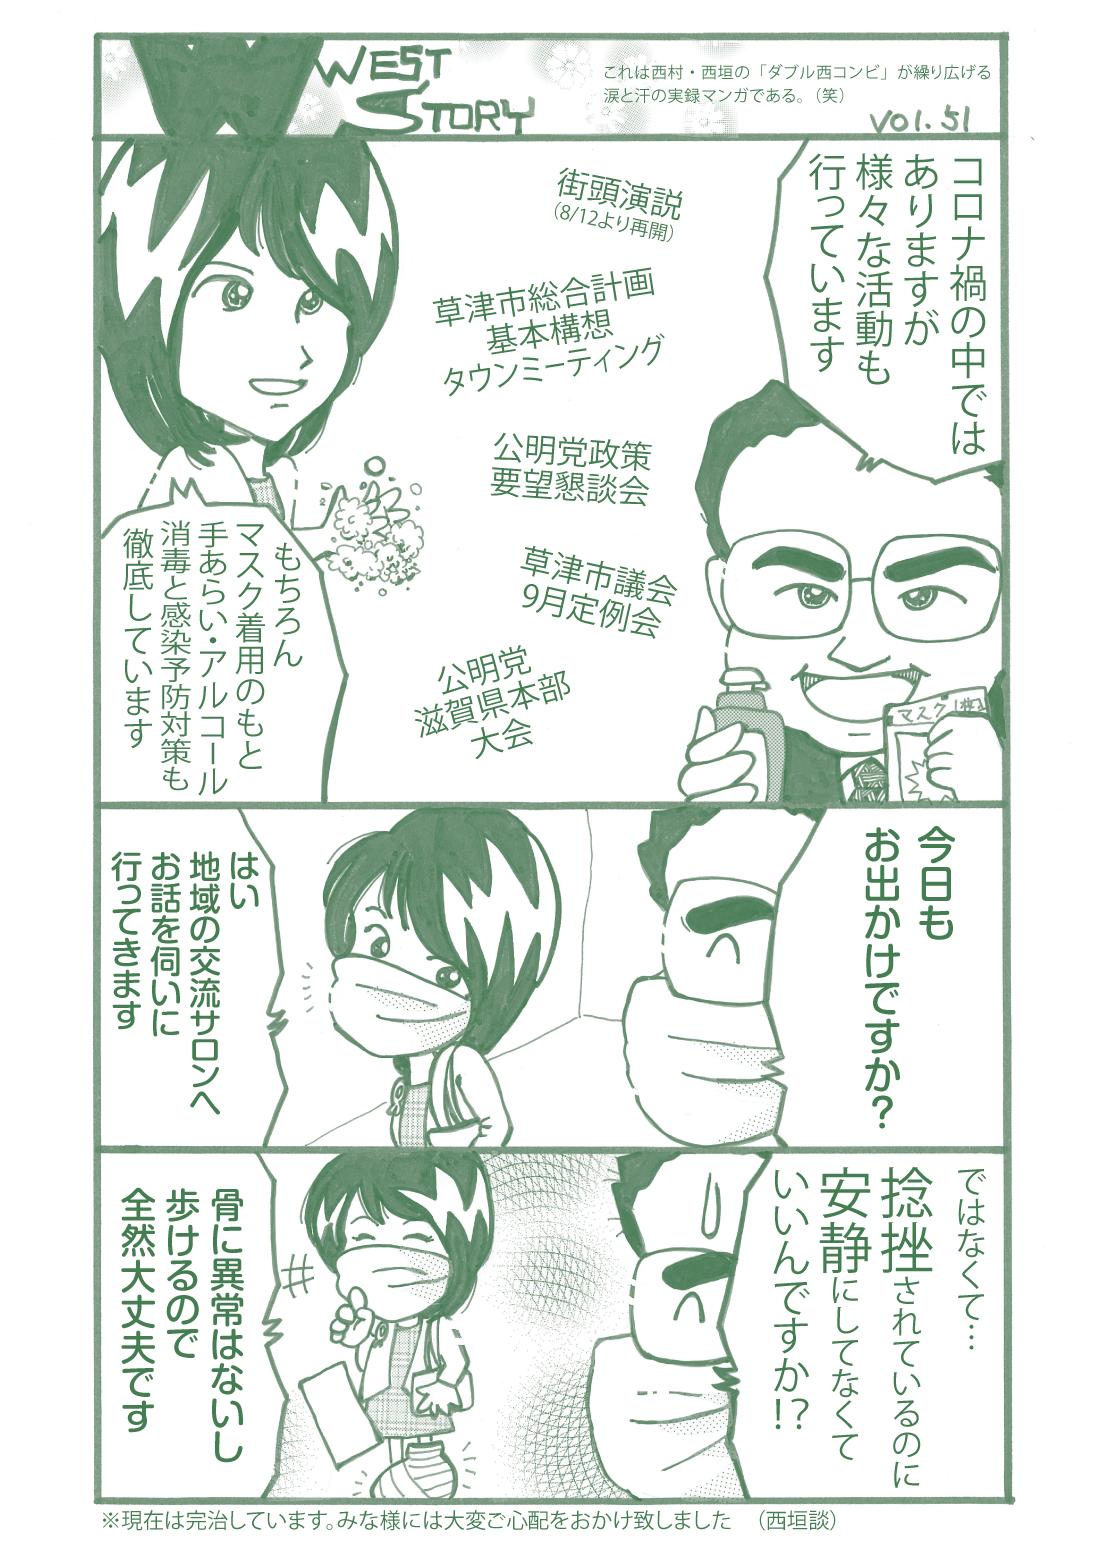 jitsuroku_vol51.jpg